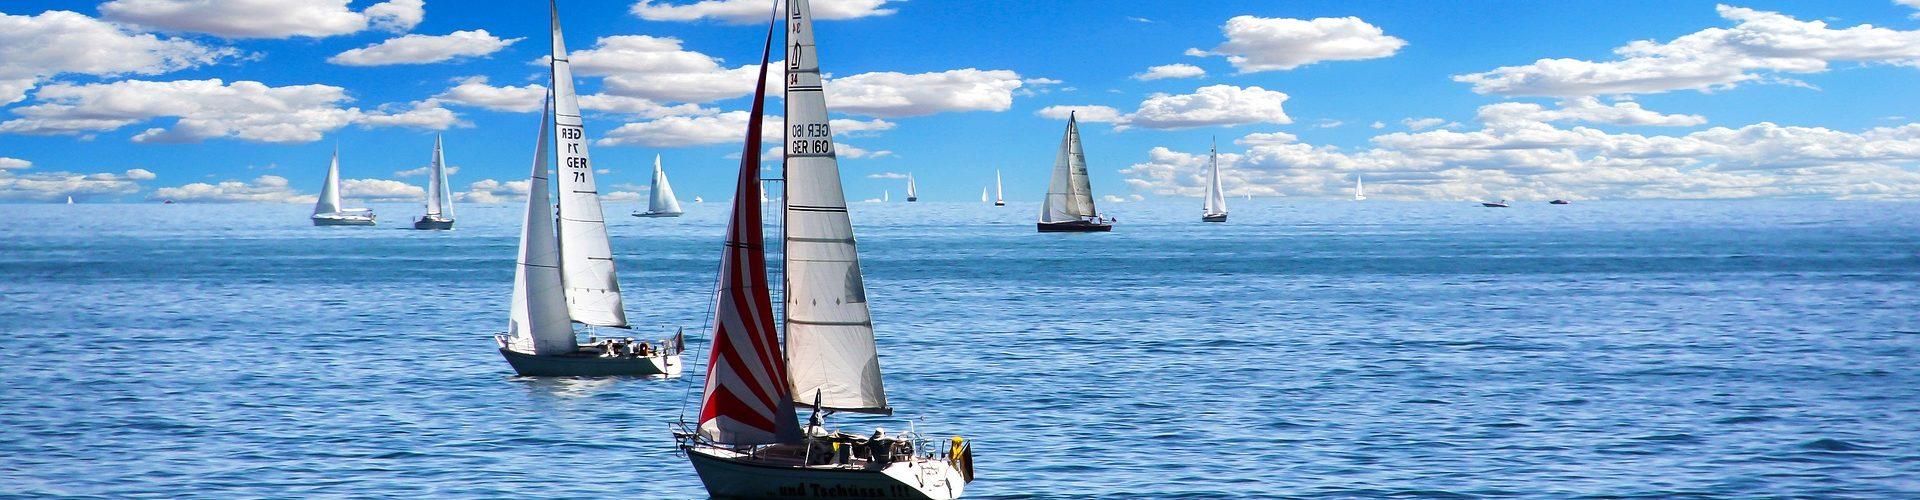 segeln lernen in Heide segelschein machen in Heide 1920x500 - Segeln lernen in Heide